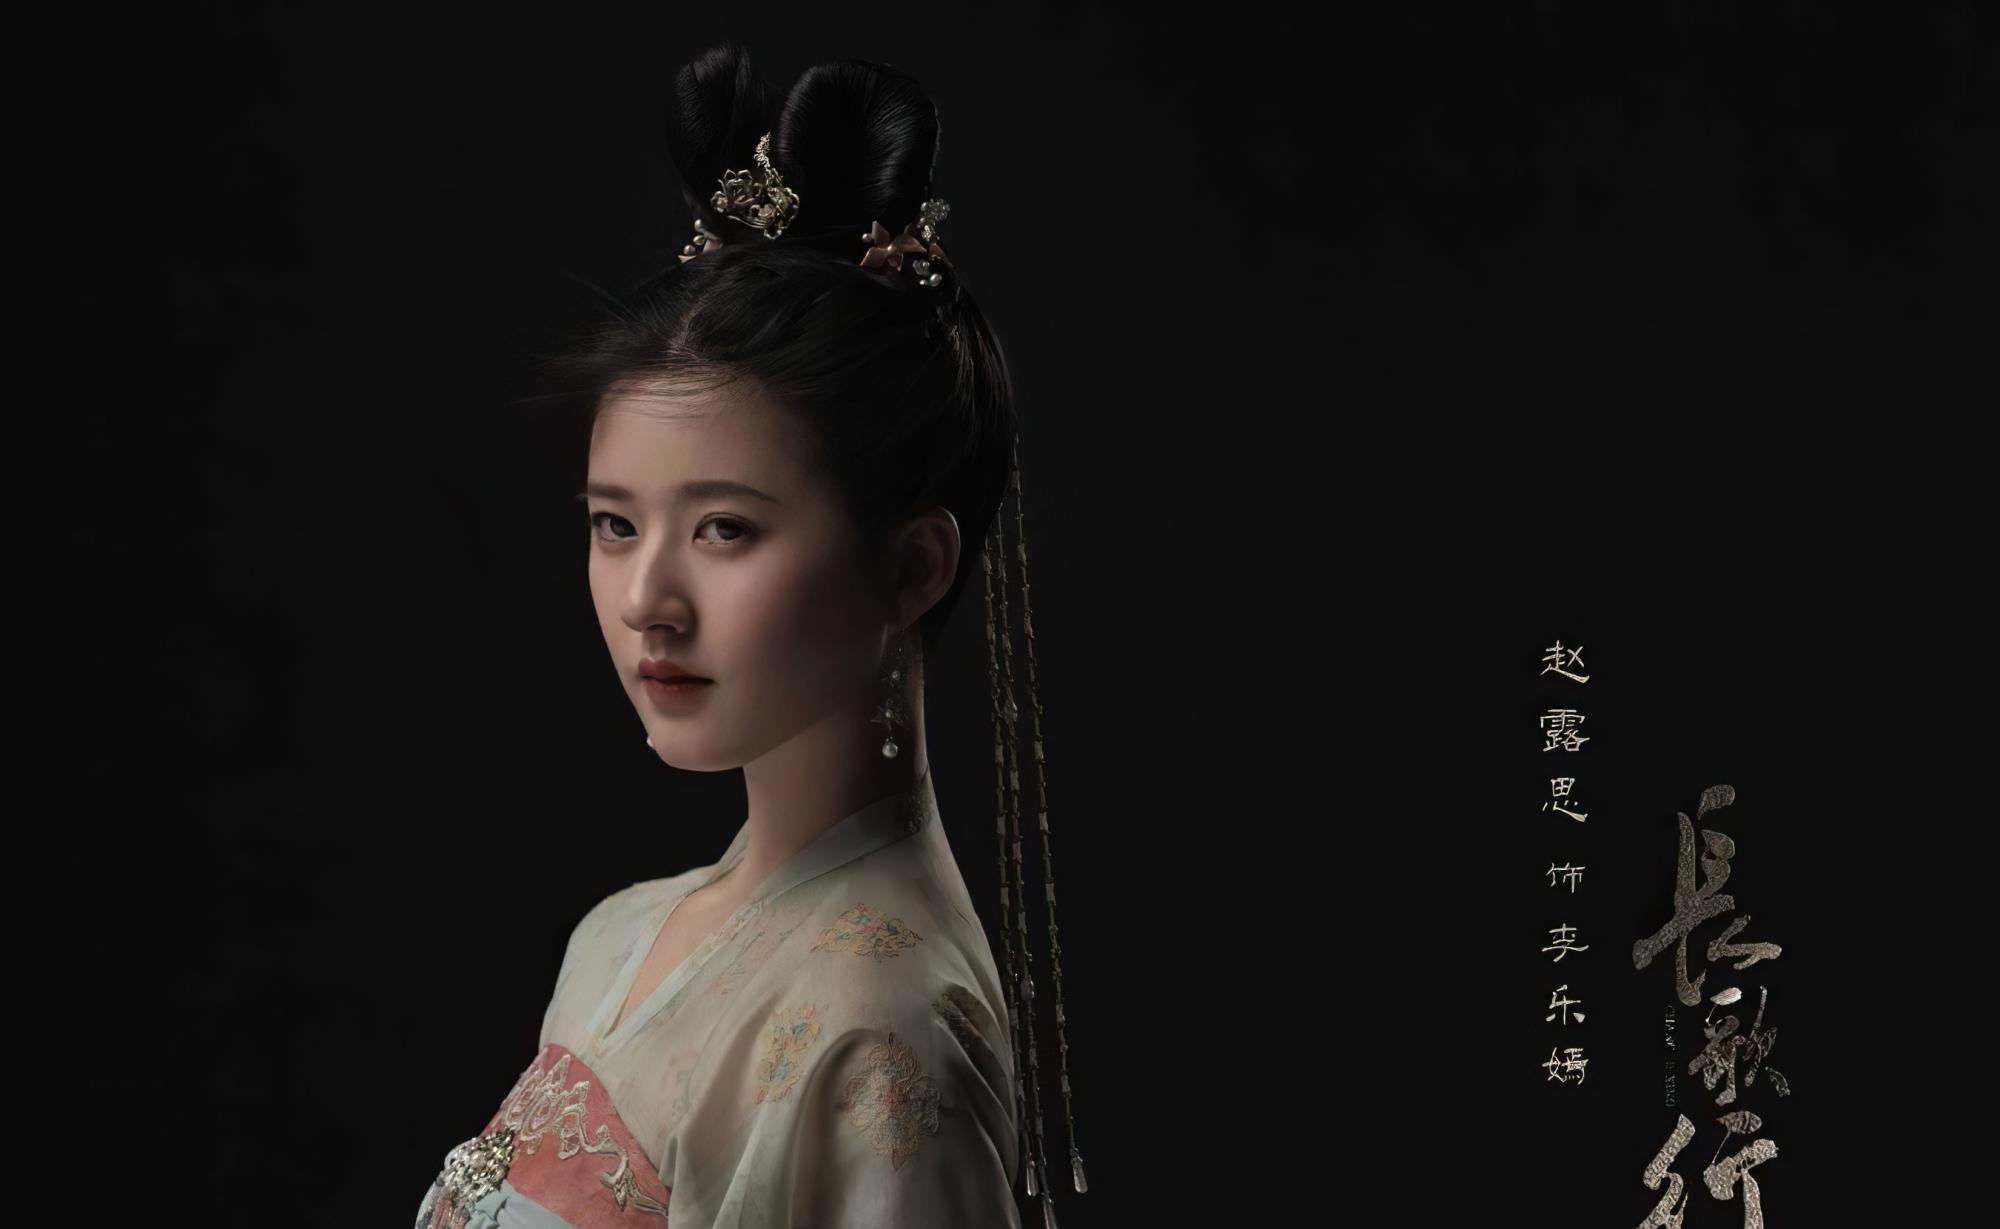 趙露思作為新劇女二,但人氣卻高於女主,官宣角色點贊量遠超熱巴-圖7